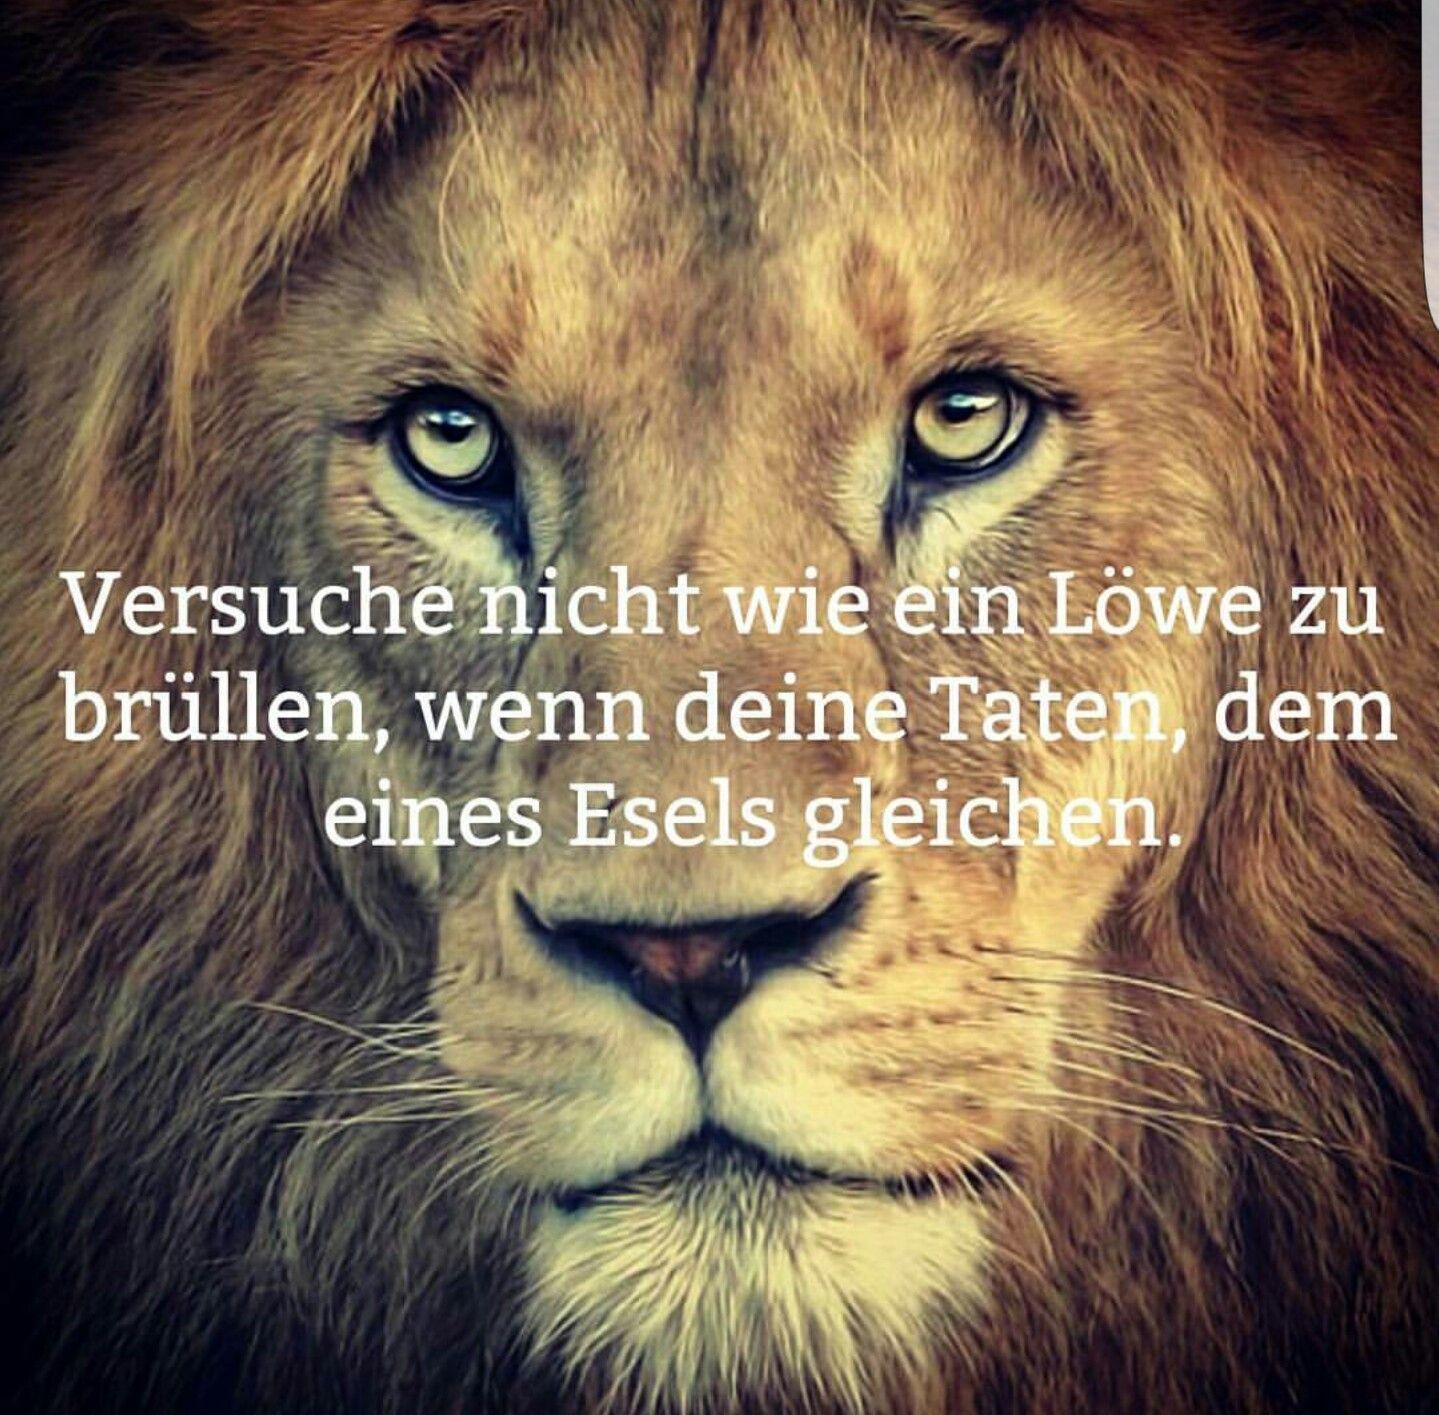 löwen sprüche Versuche nicht wie ein #Löwe zu brüllen., | Zitat | Lion quotes  löwen sprüche